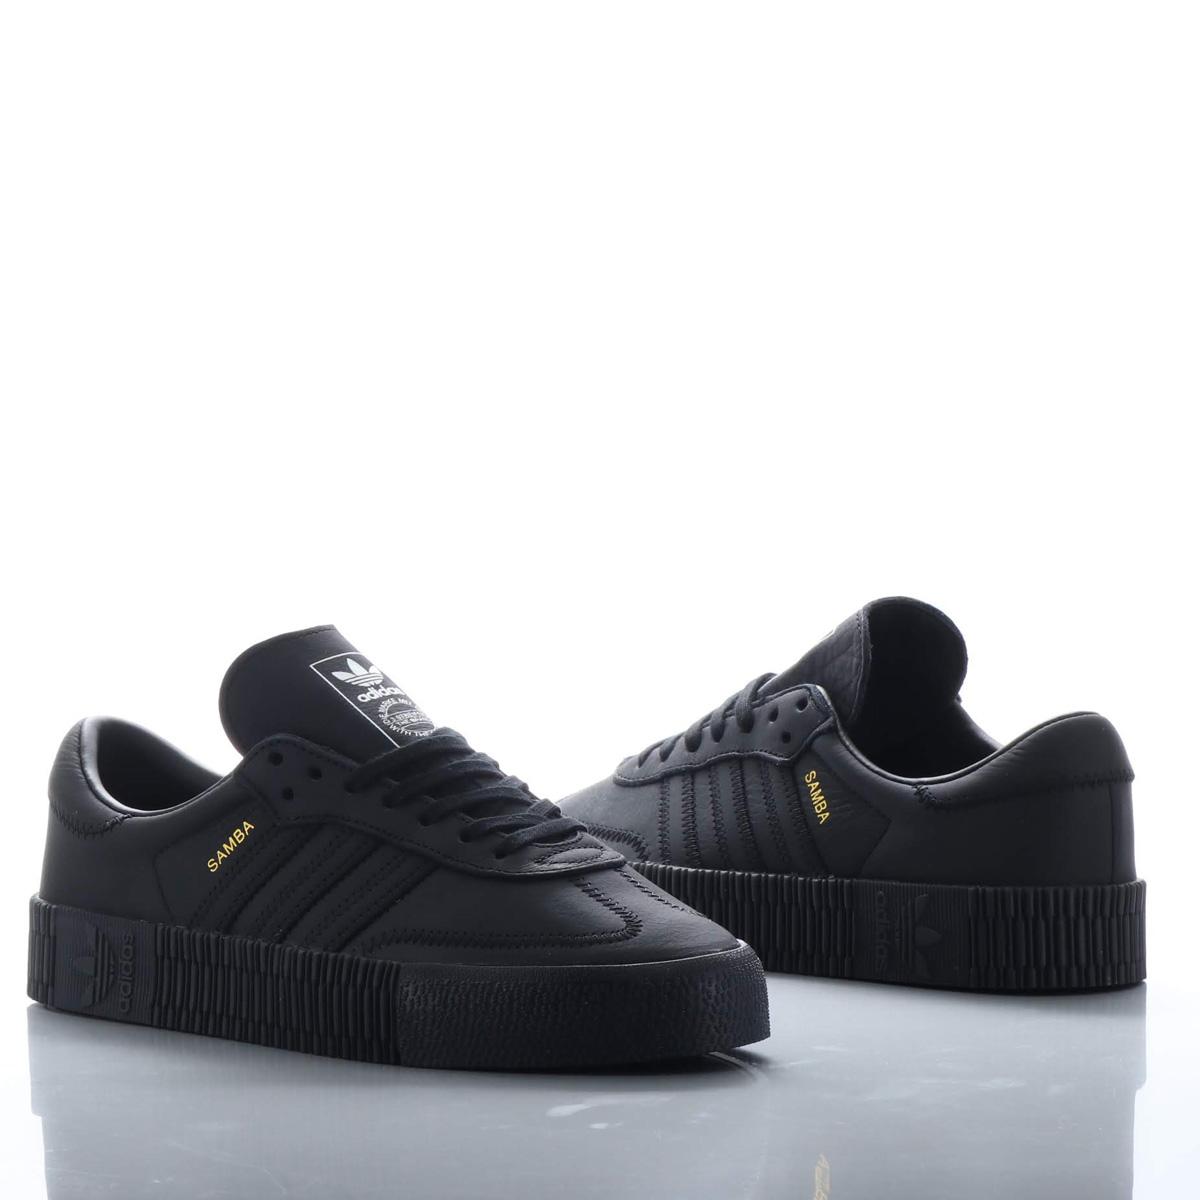 adidas Originals SAMBAROSE W(アディダス オリジナルス サンバローズW)CORE BLACK/CORE BLACK/CORE BLACK【メンズ レディース スニーカー】18FW-I